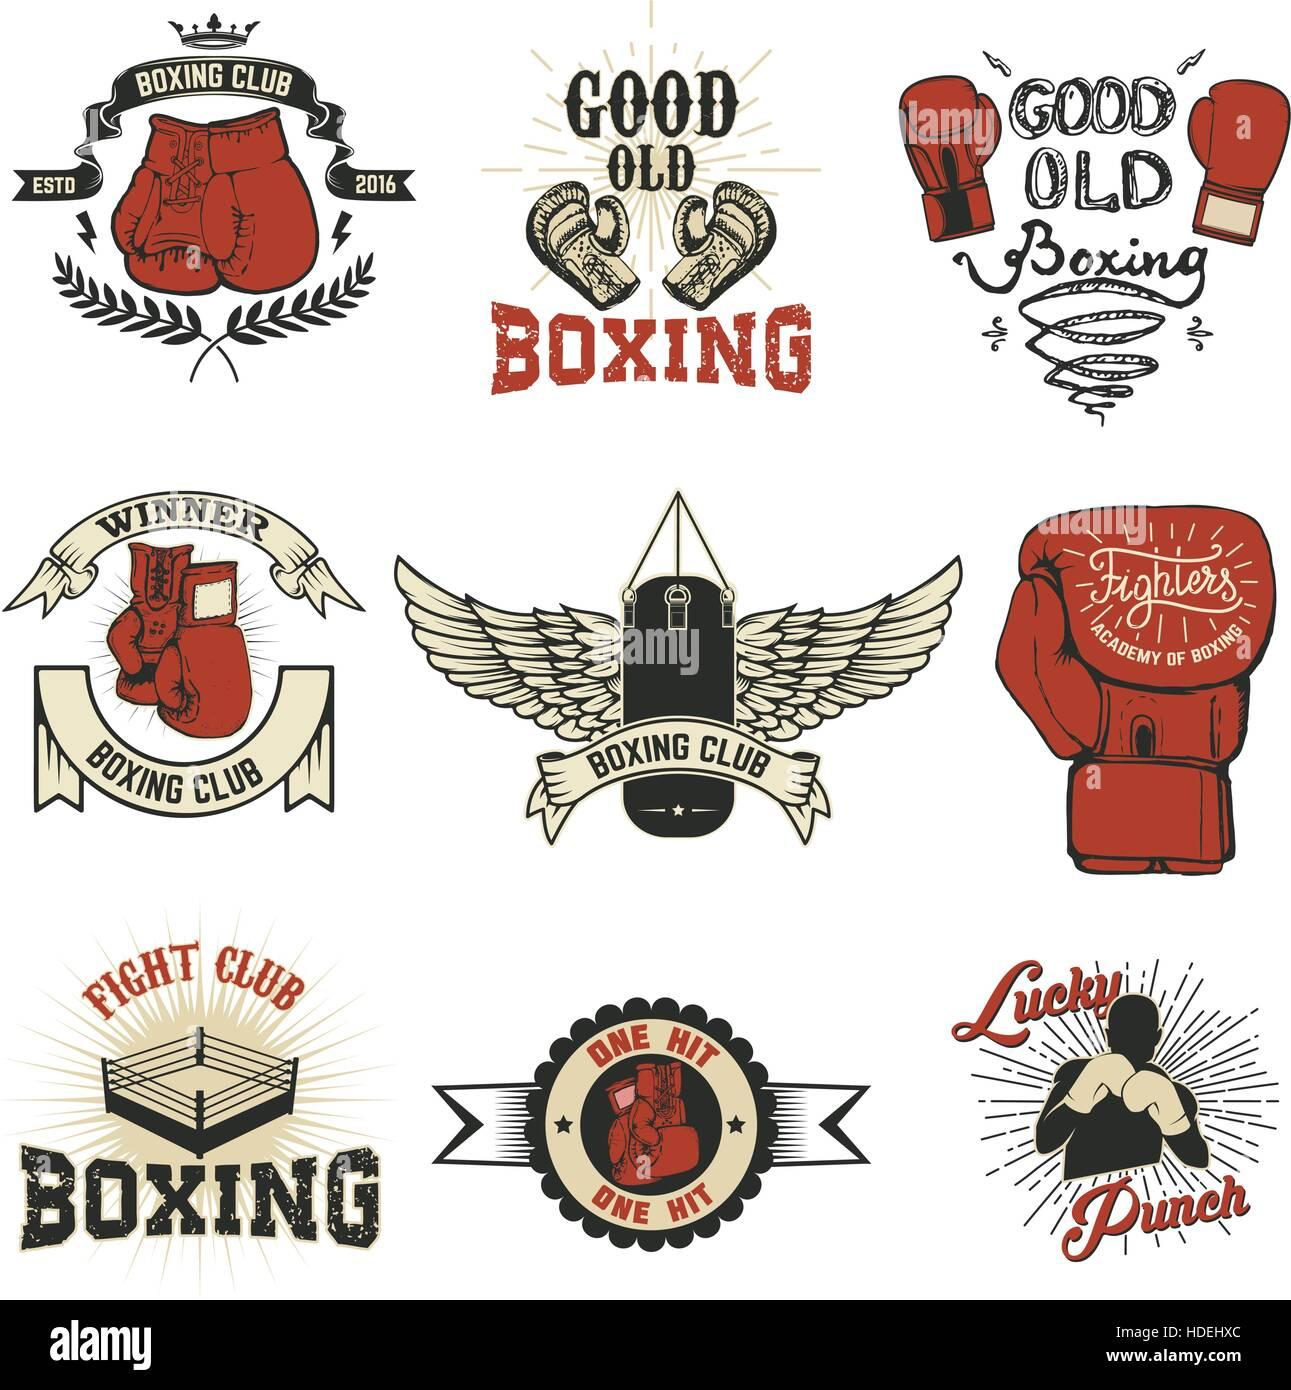 Boxeo. Club de boxeo etiquetas en grunge antecedentes. T-shirt ...